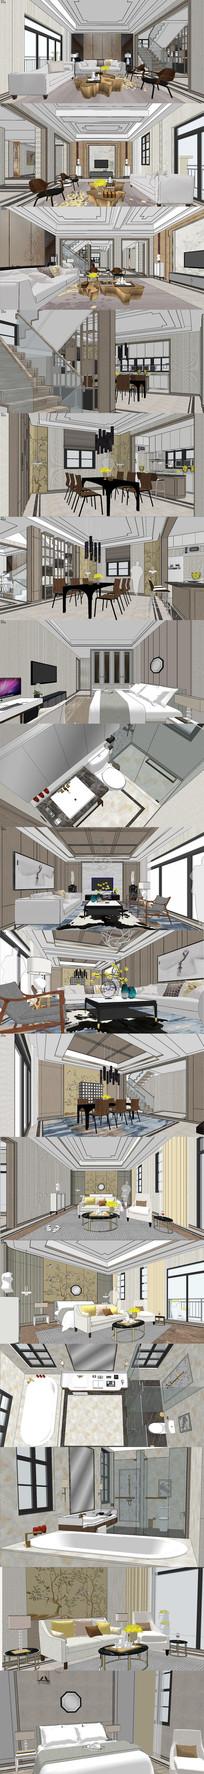 新中式别墅室内设计SU模型